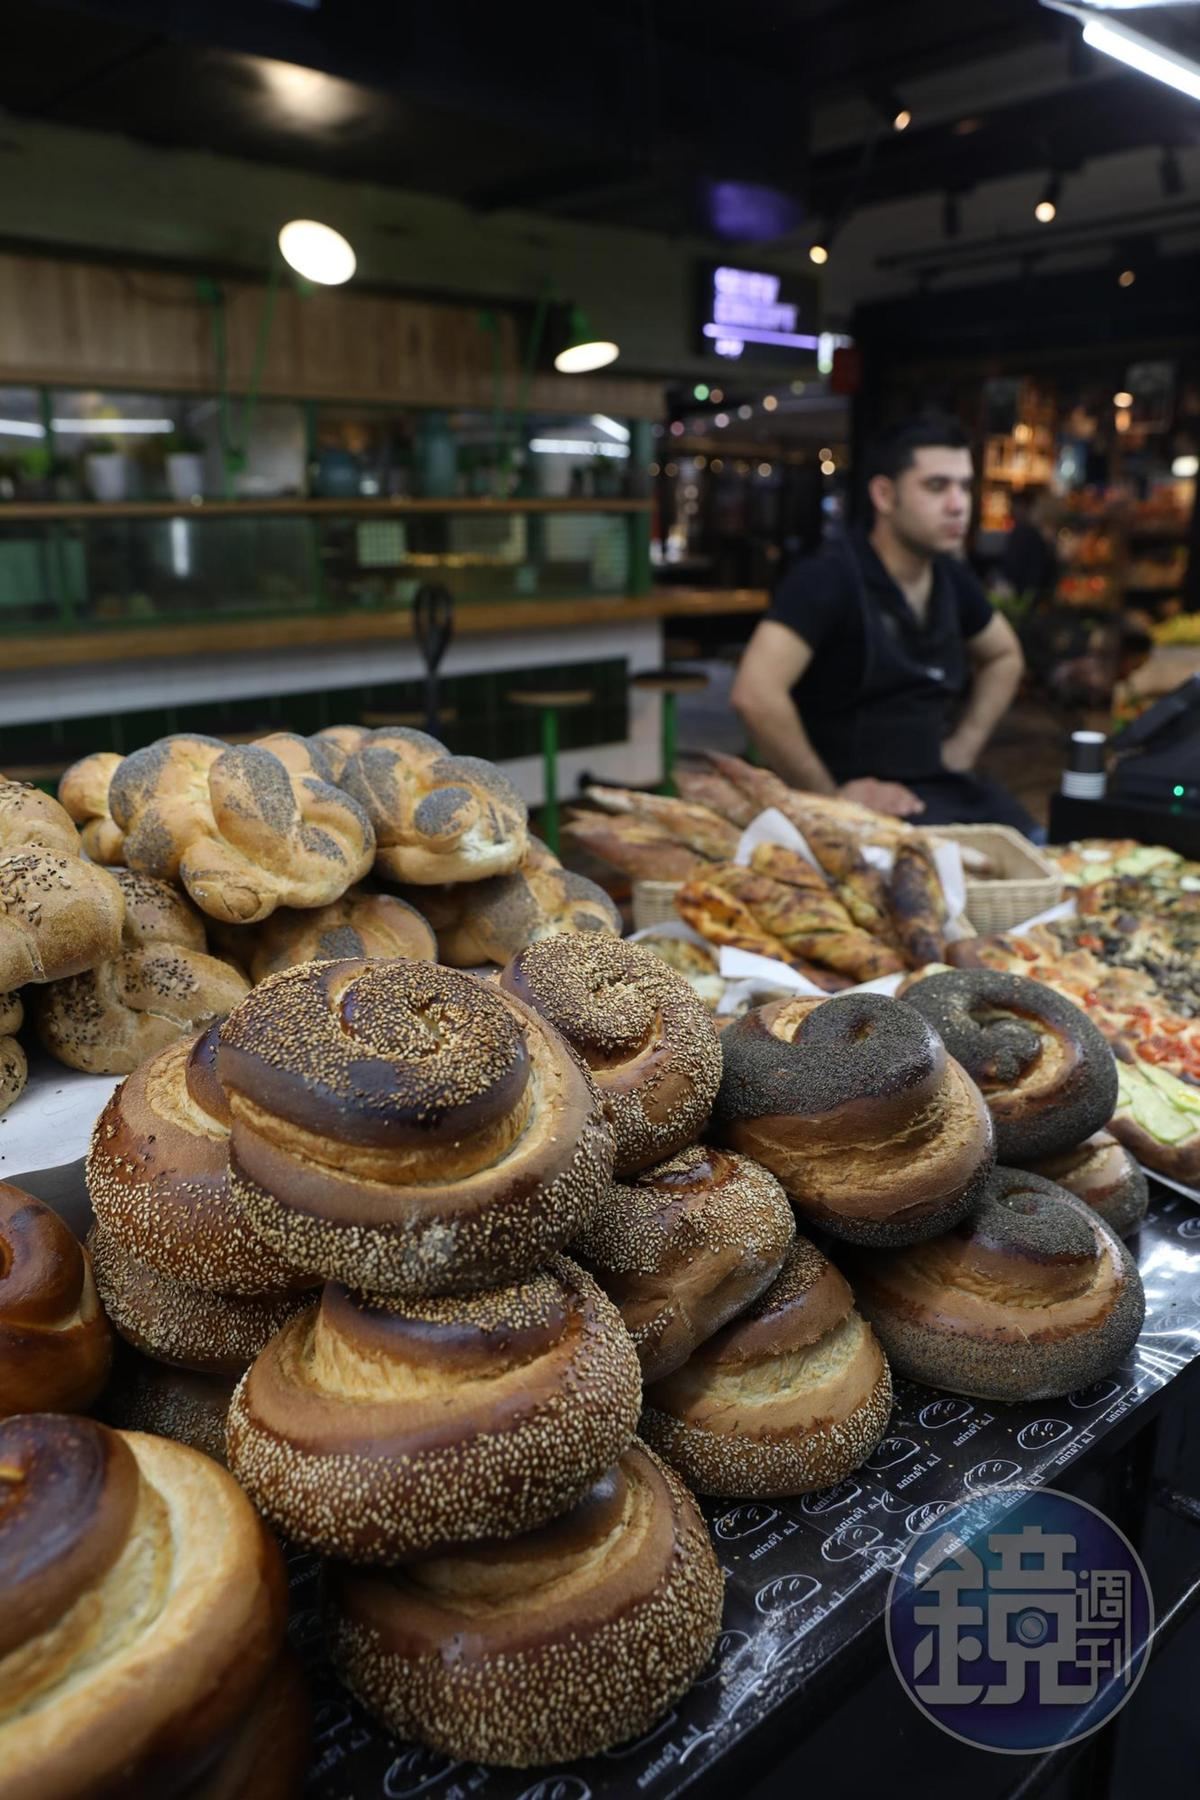 攤上隨處可見猶太傳統的辮子麵包,這是當地人的主食之一。